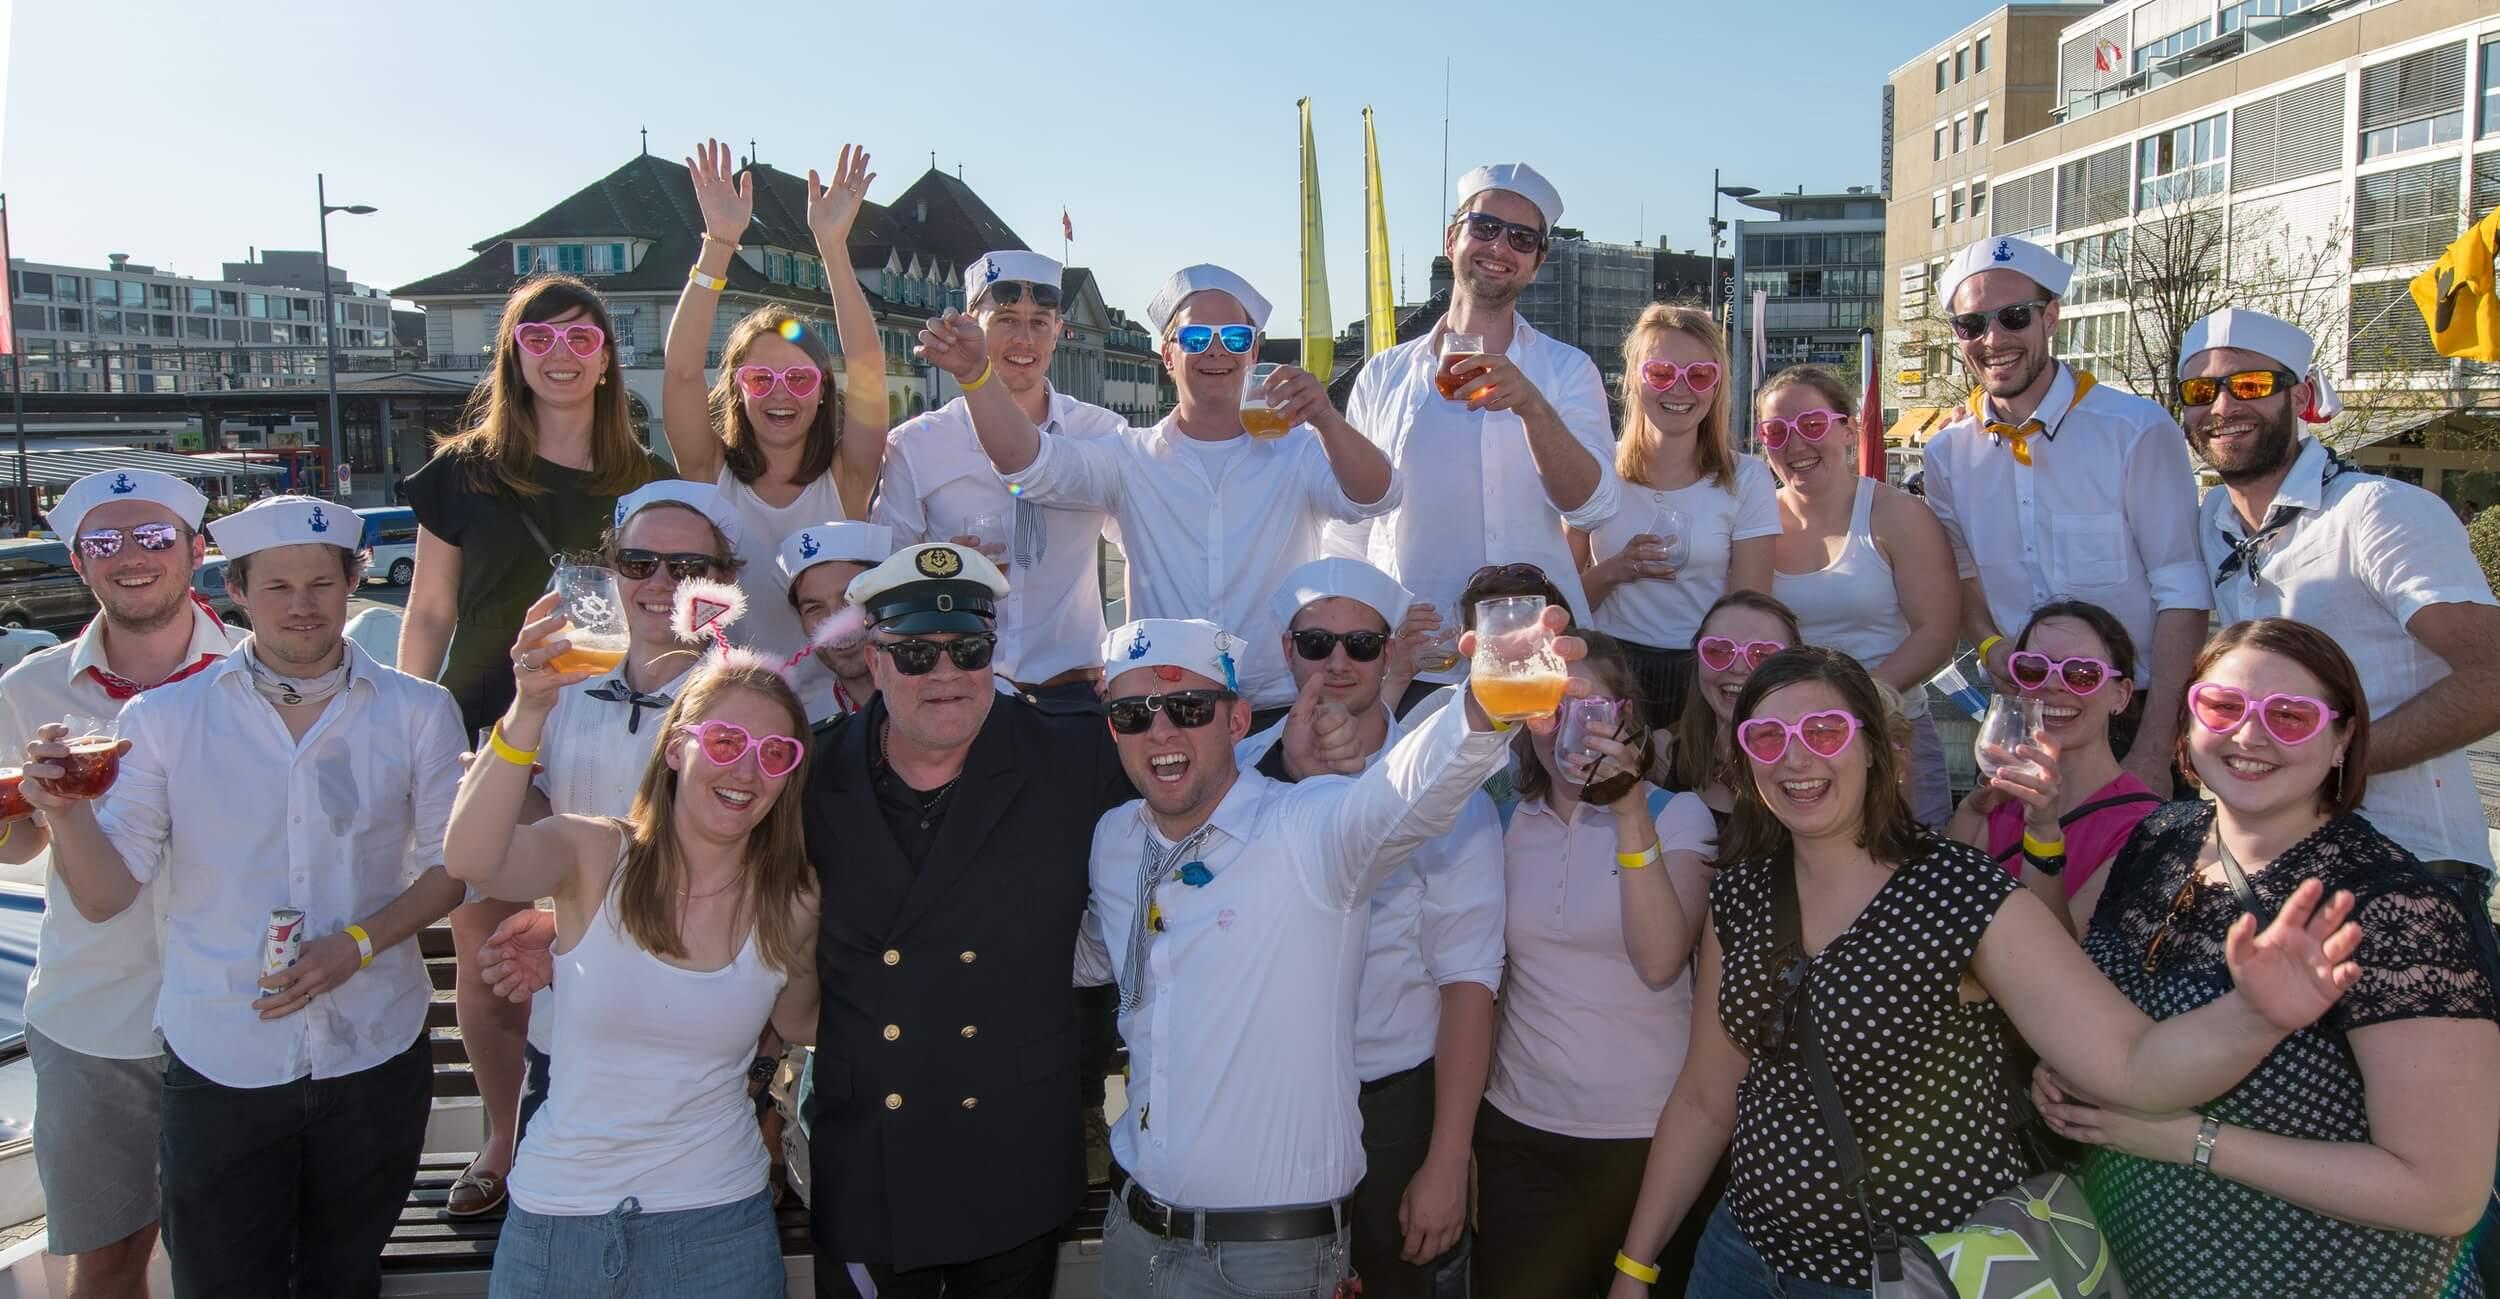 verein_thunersee_bierschiff-2018-0032